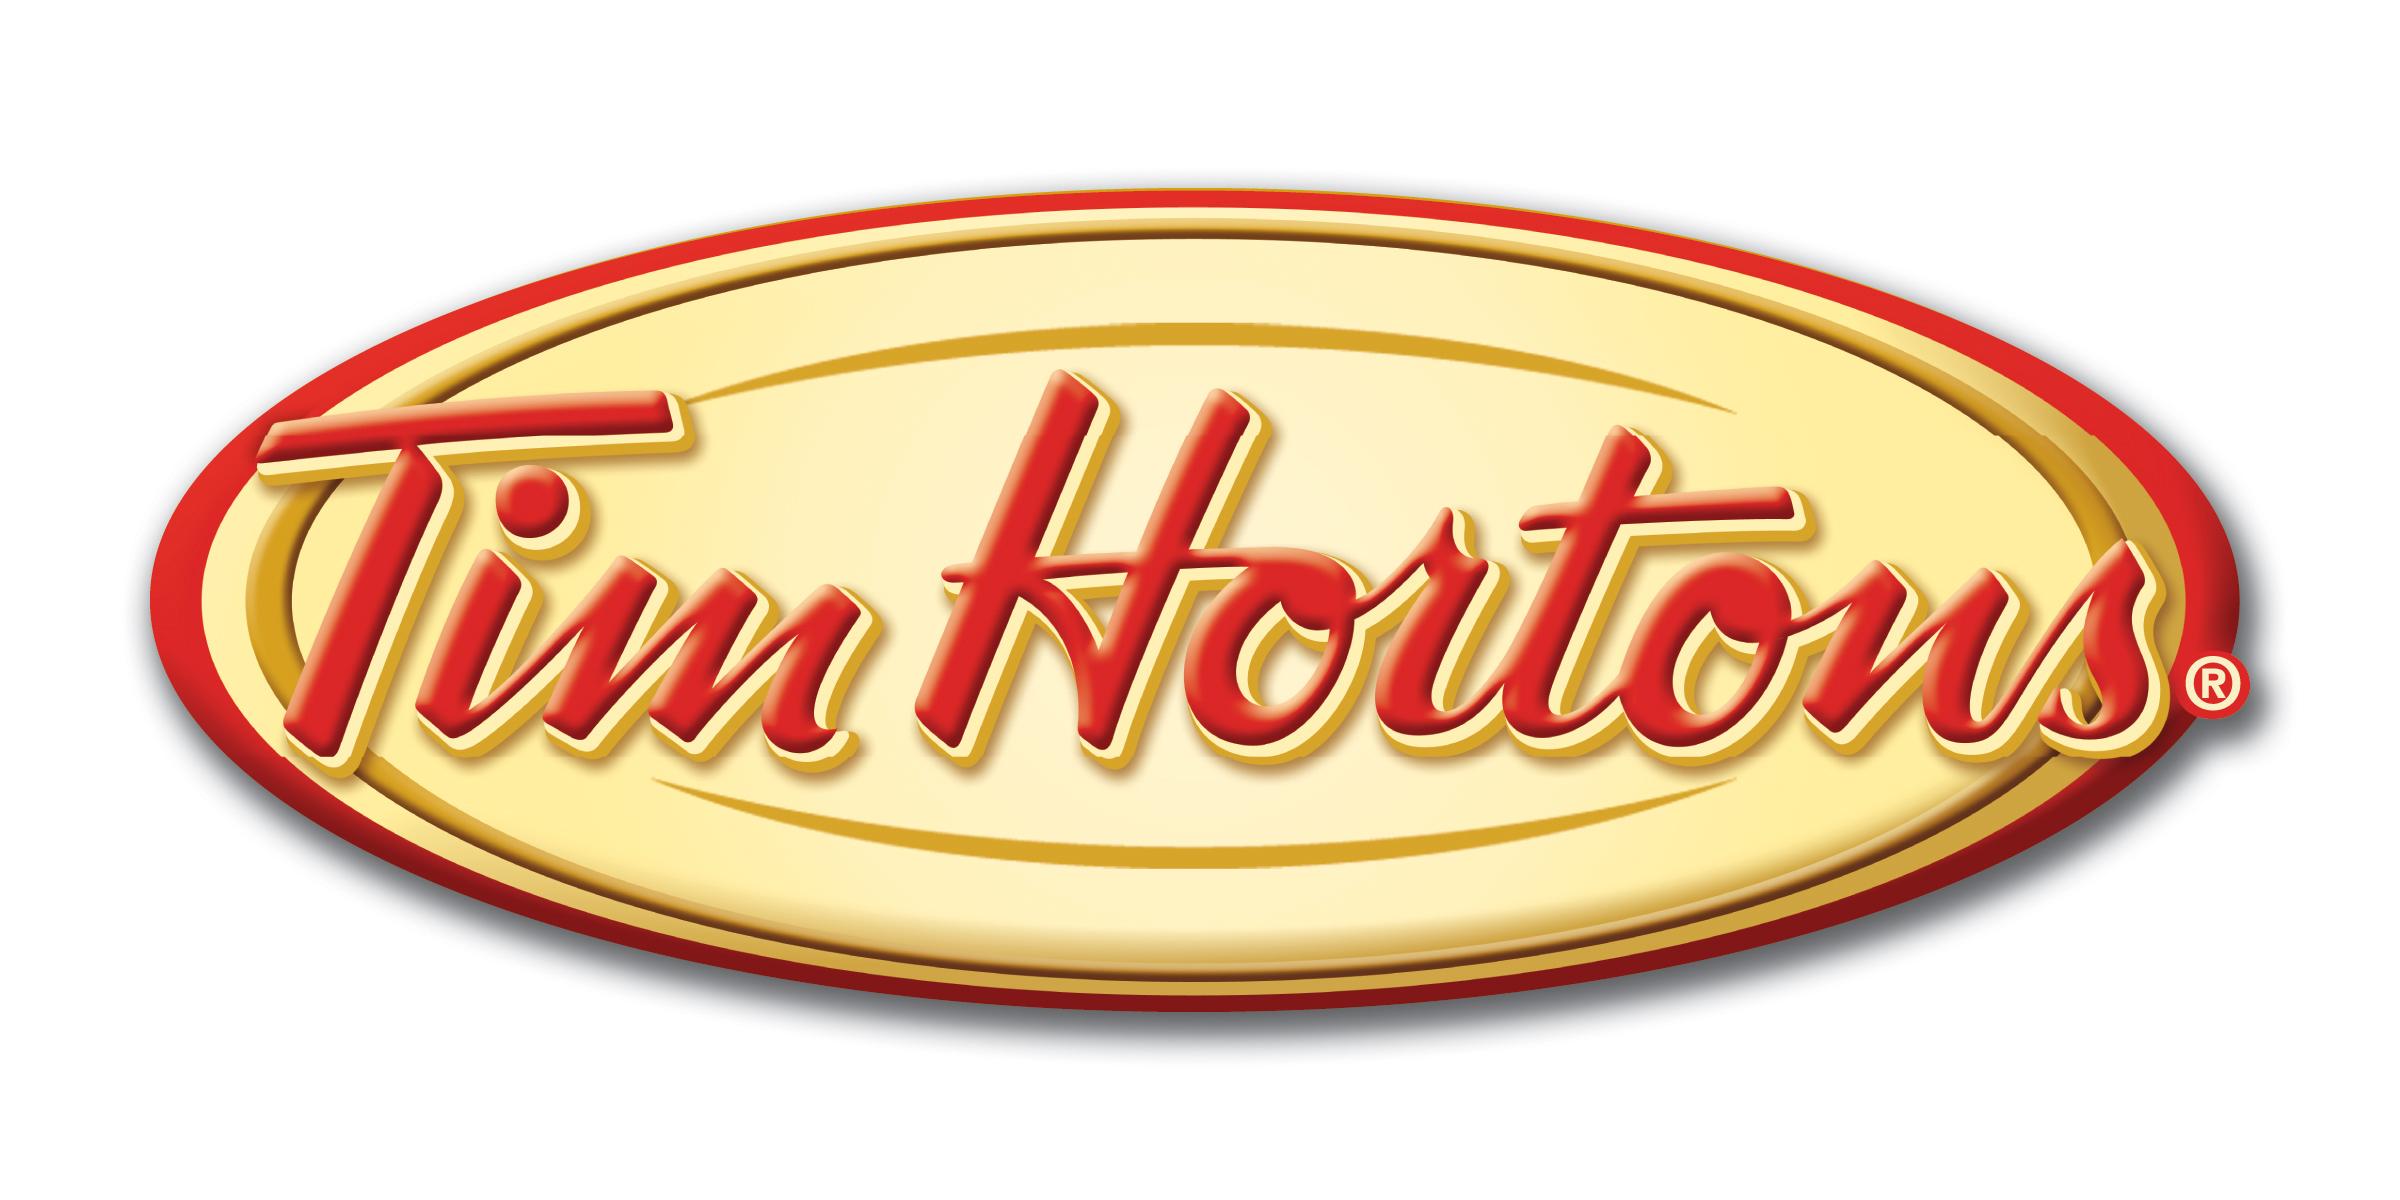 Tim Horton Asbestos